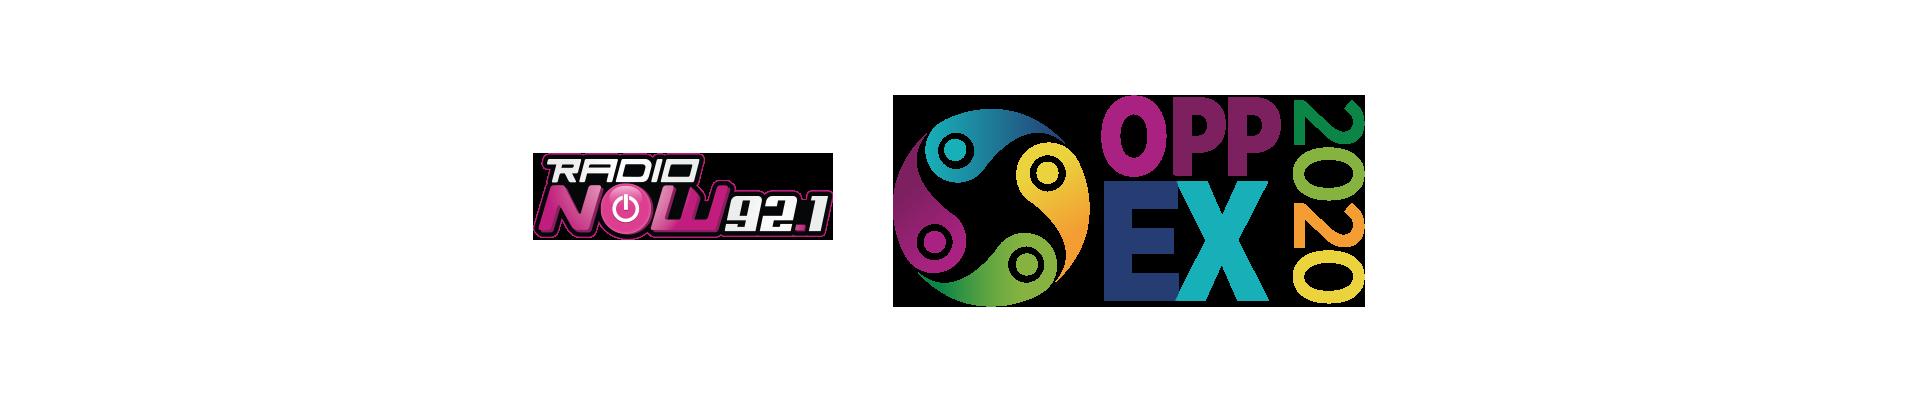 OppEX logo